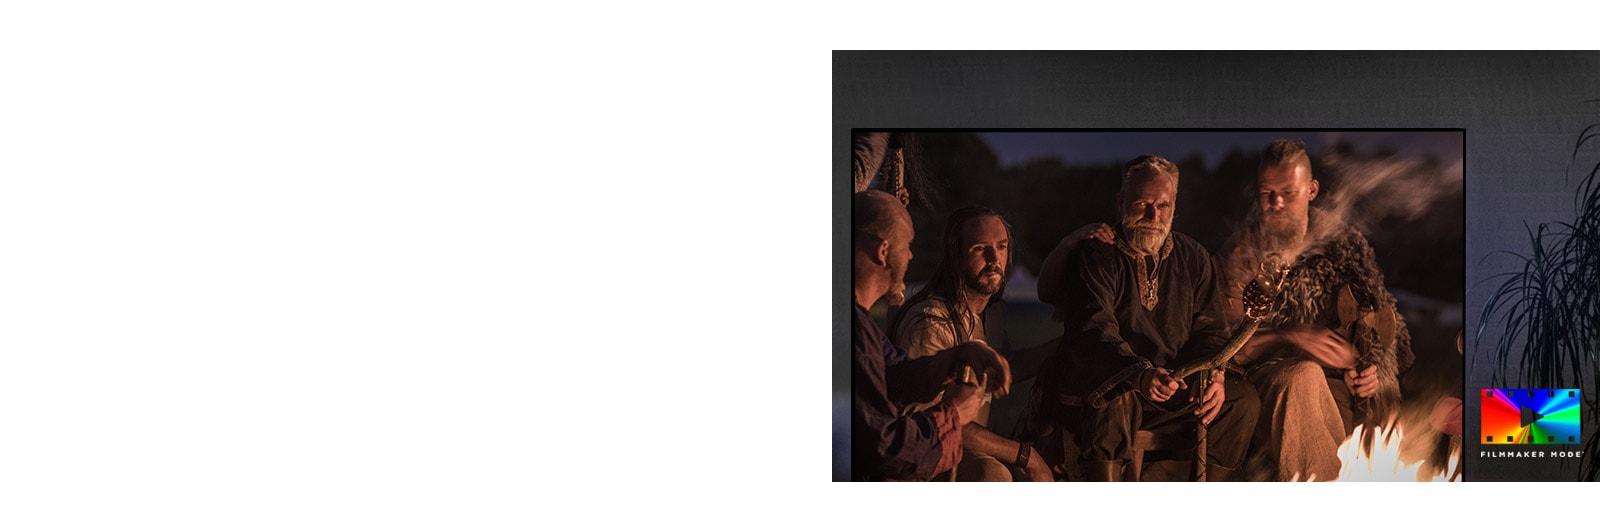 Egy fantasy film jelenet a TV-képernyőn és a filmkészítő mód logója